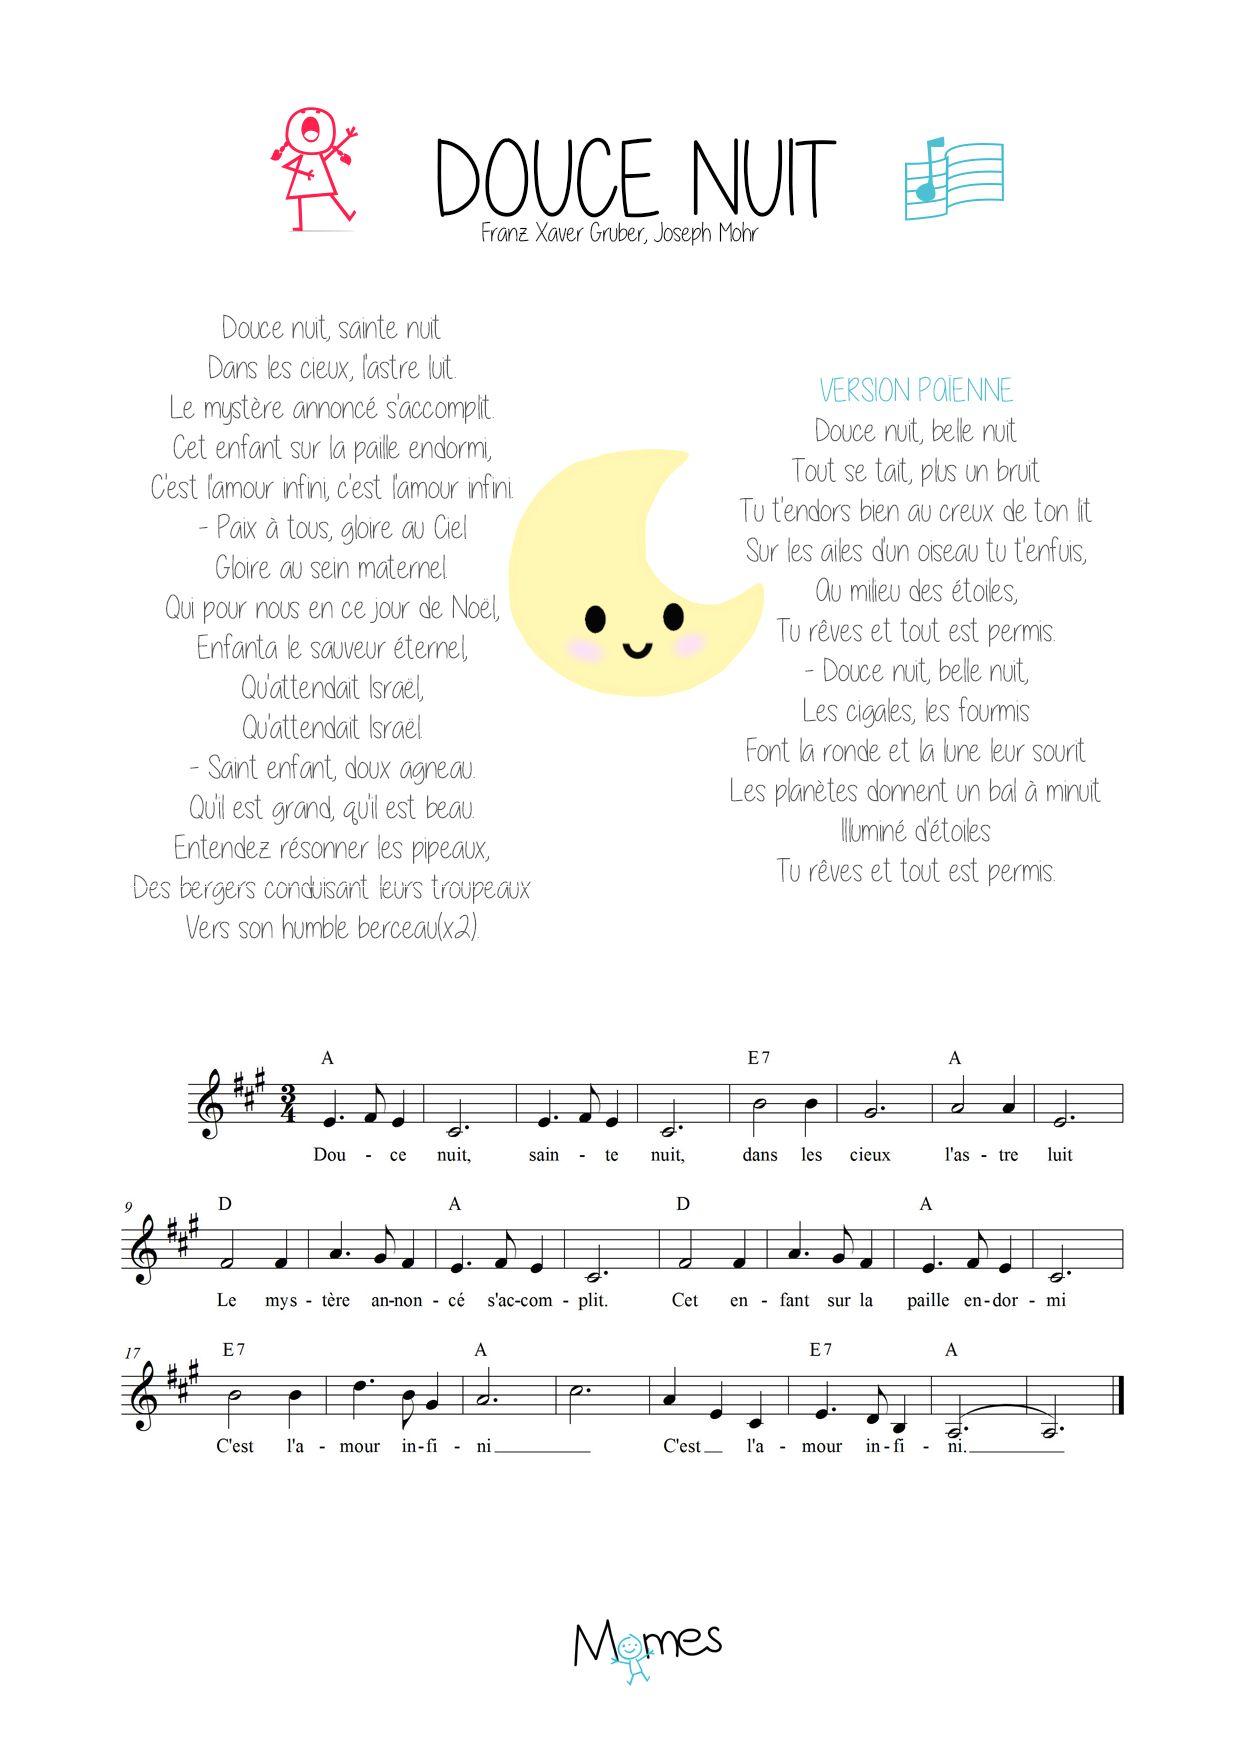 Une Chanson Douce Paroles Pdf : chanson, douce, paroles, Douce, Comptines,, Comptines, Paroles,, Chanson, Guitare